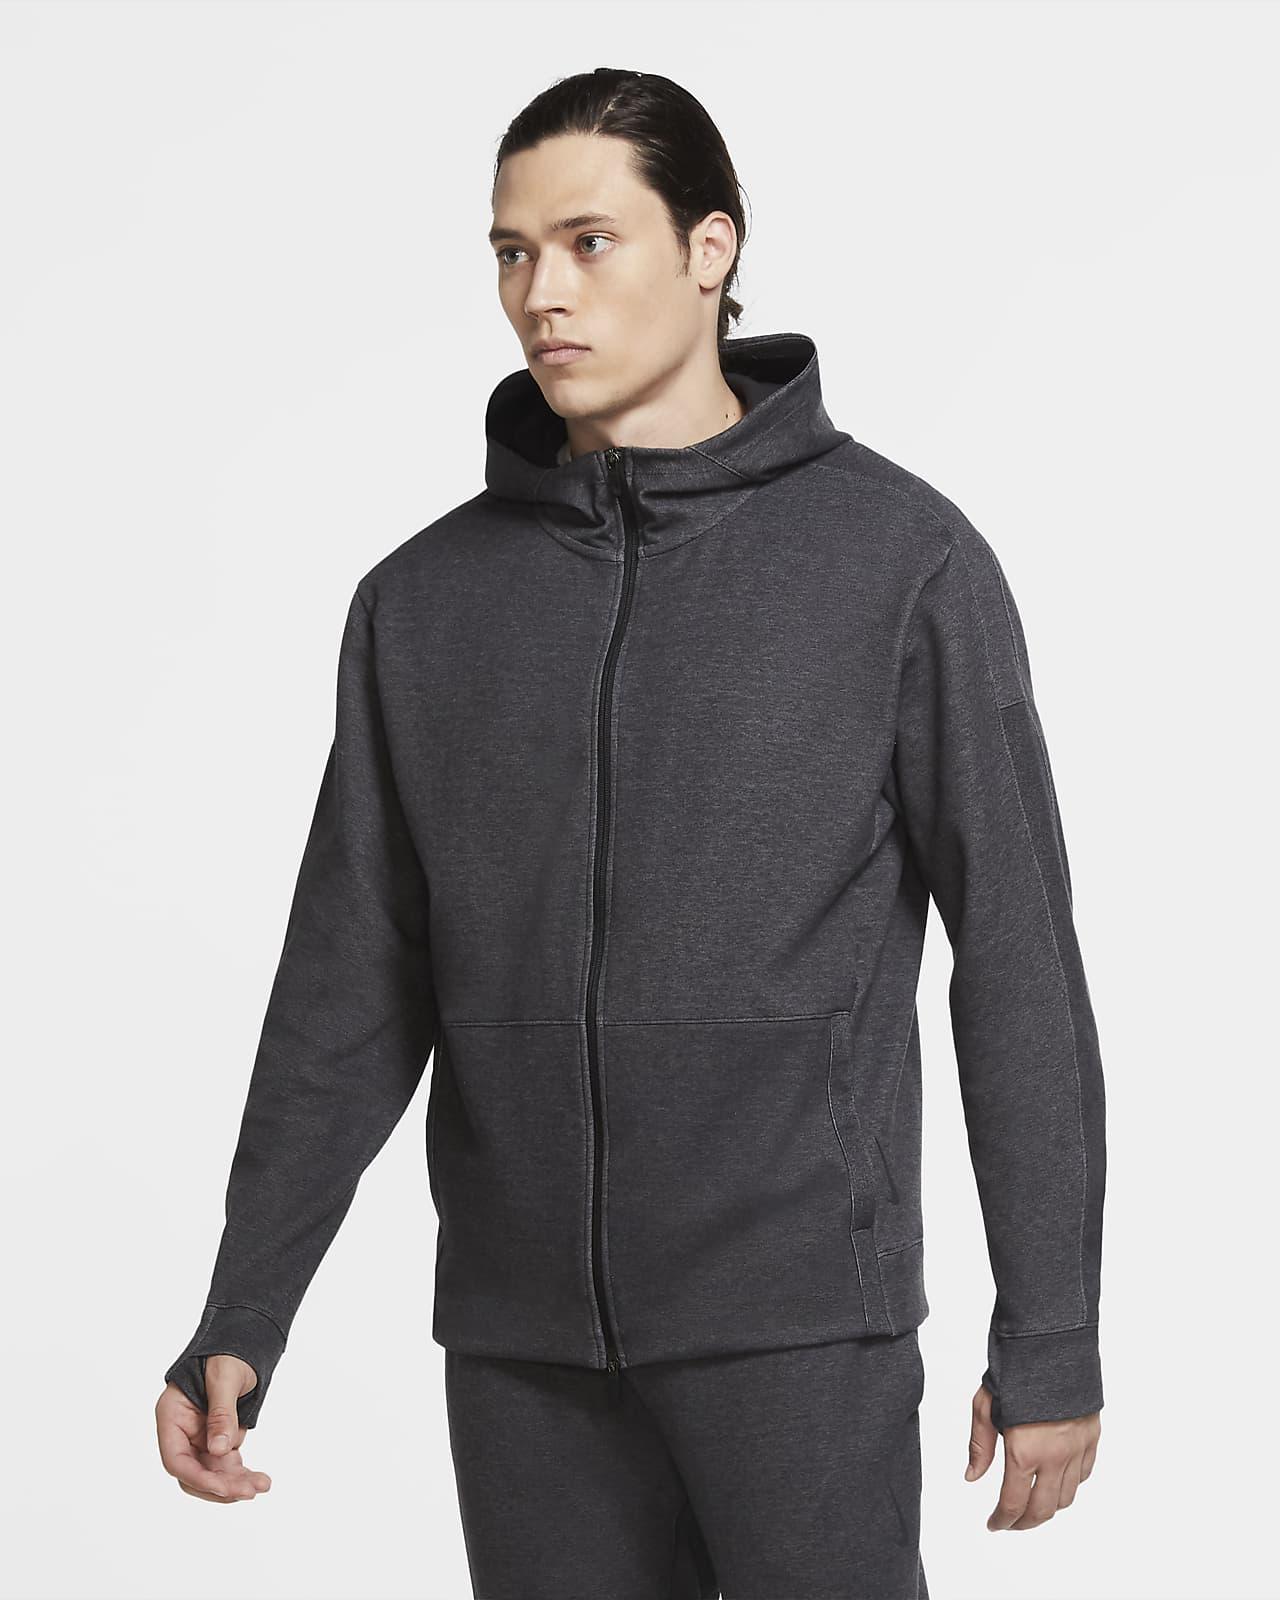 Hoodie com fecho completo Nike Yoga para homem